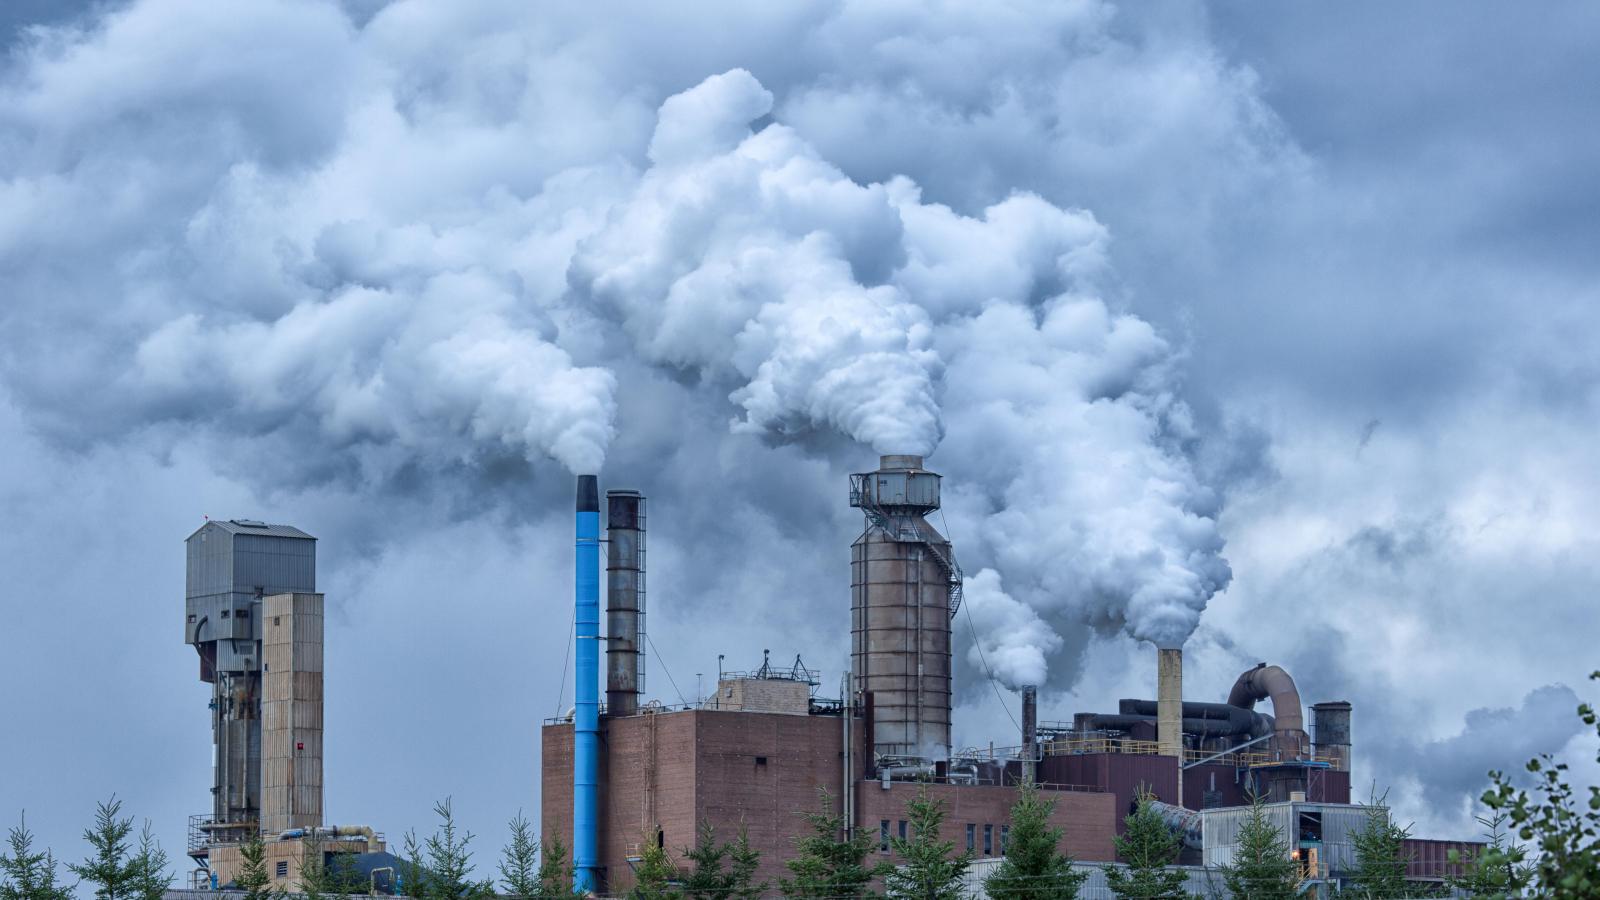 Uproar in Nova Scotia over plan to dump pulp effluent into